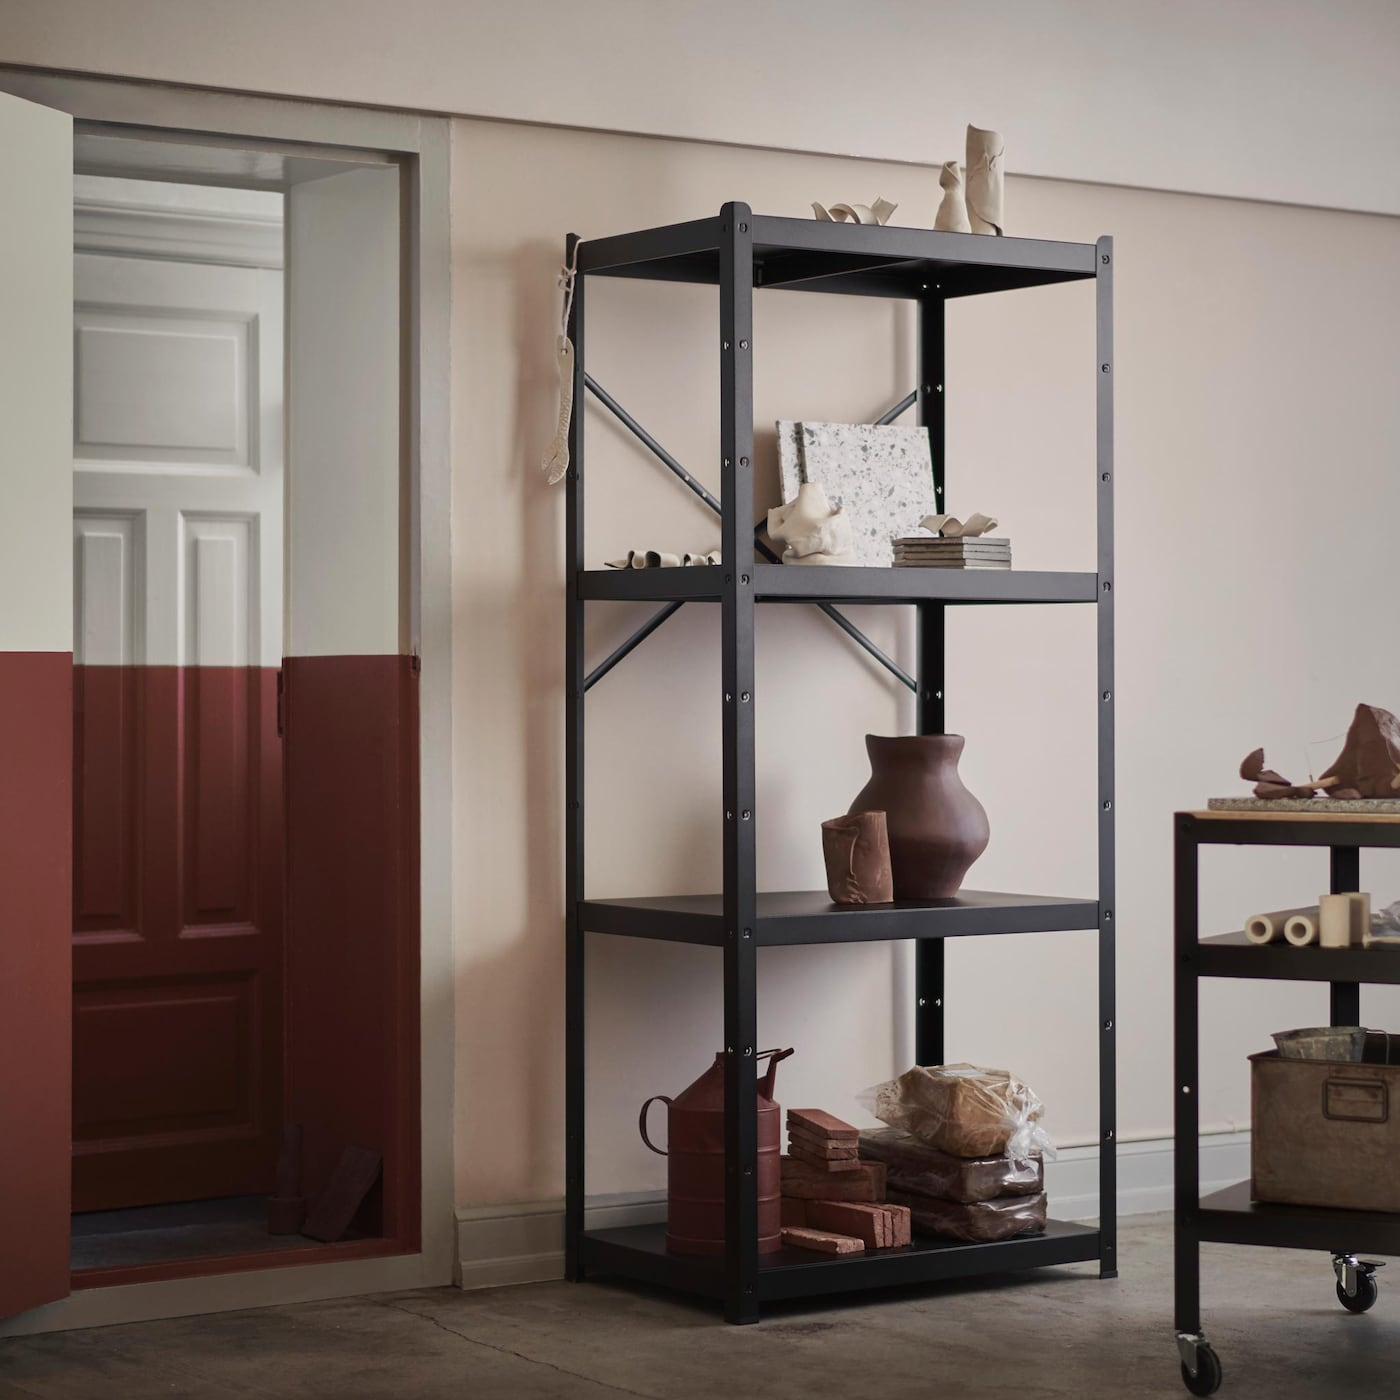 Mustasta metallista valmistetut BROR-säilytyskalusteet ovat teollistyylisiä. Hyllyt, kaappi ja tarjoiluvaunu sopivat autotalliin, harrastetilaan tai mihin tahansa kodin huoneeseen.